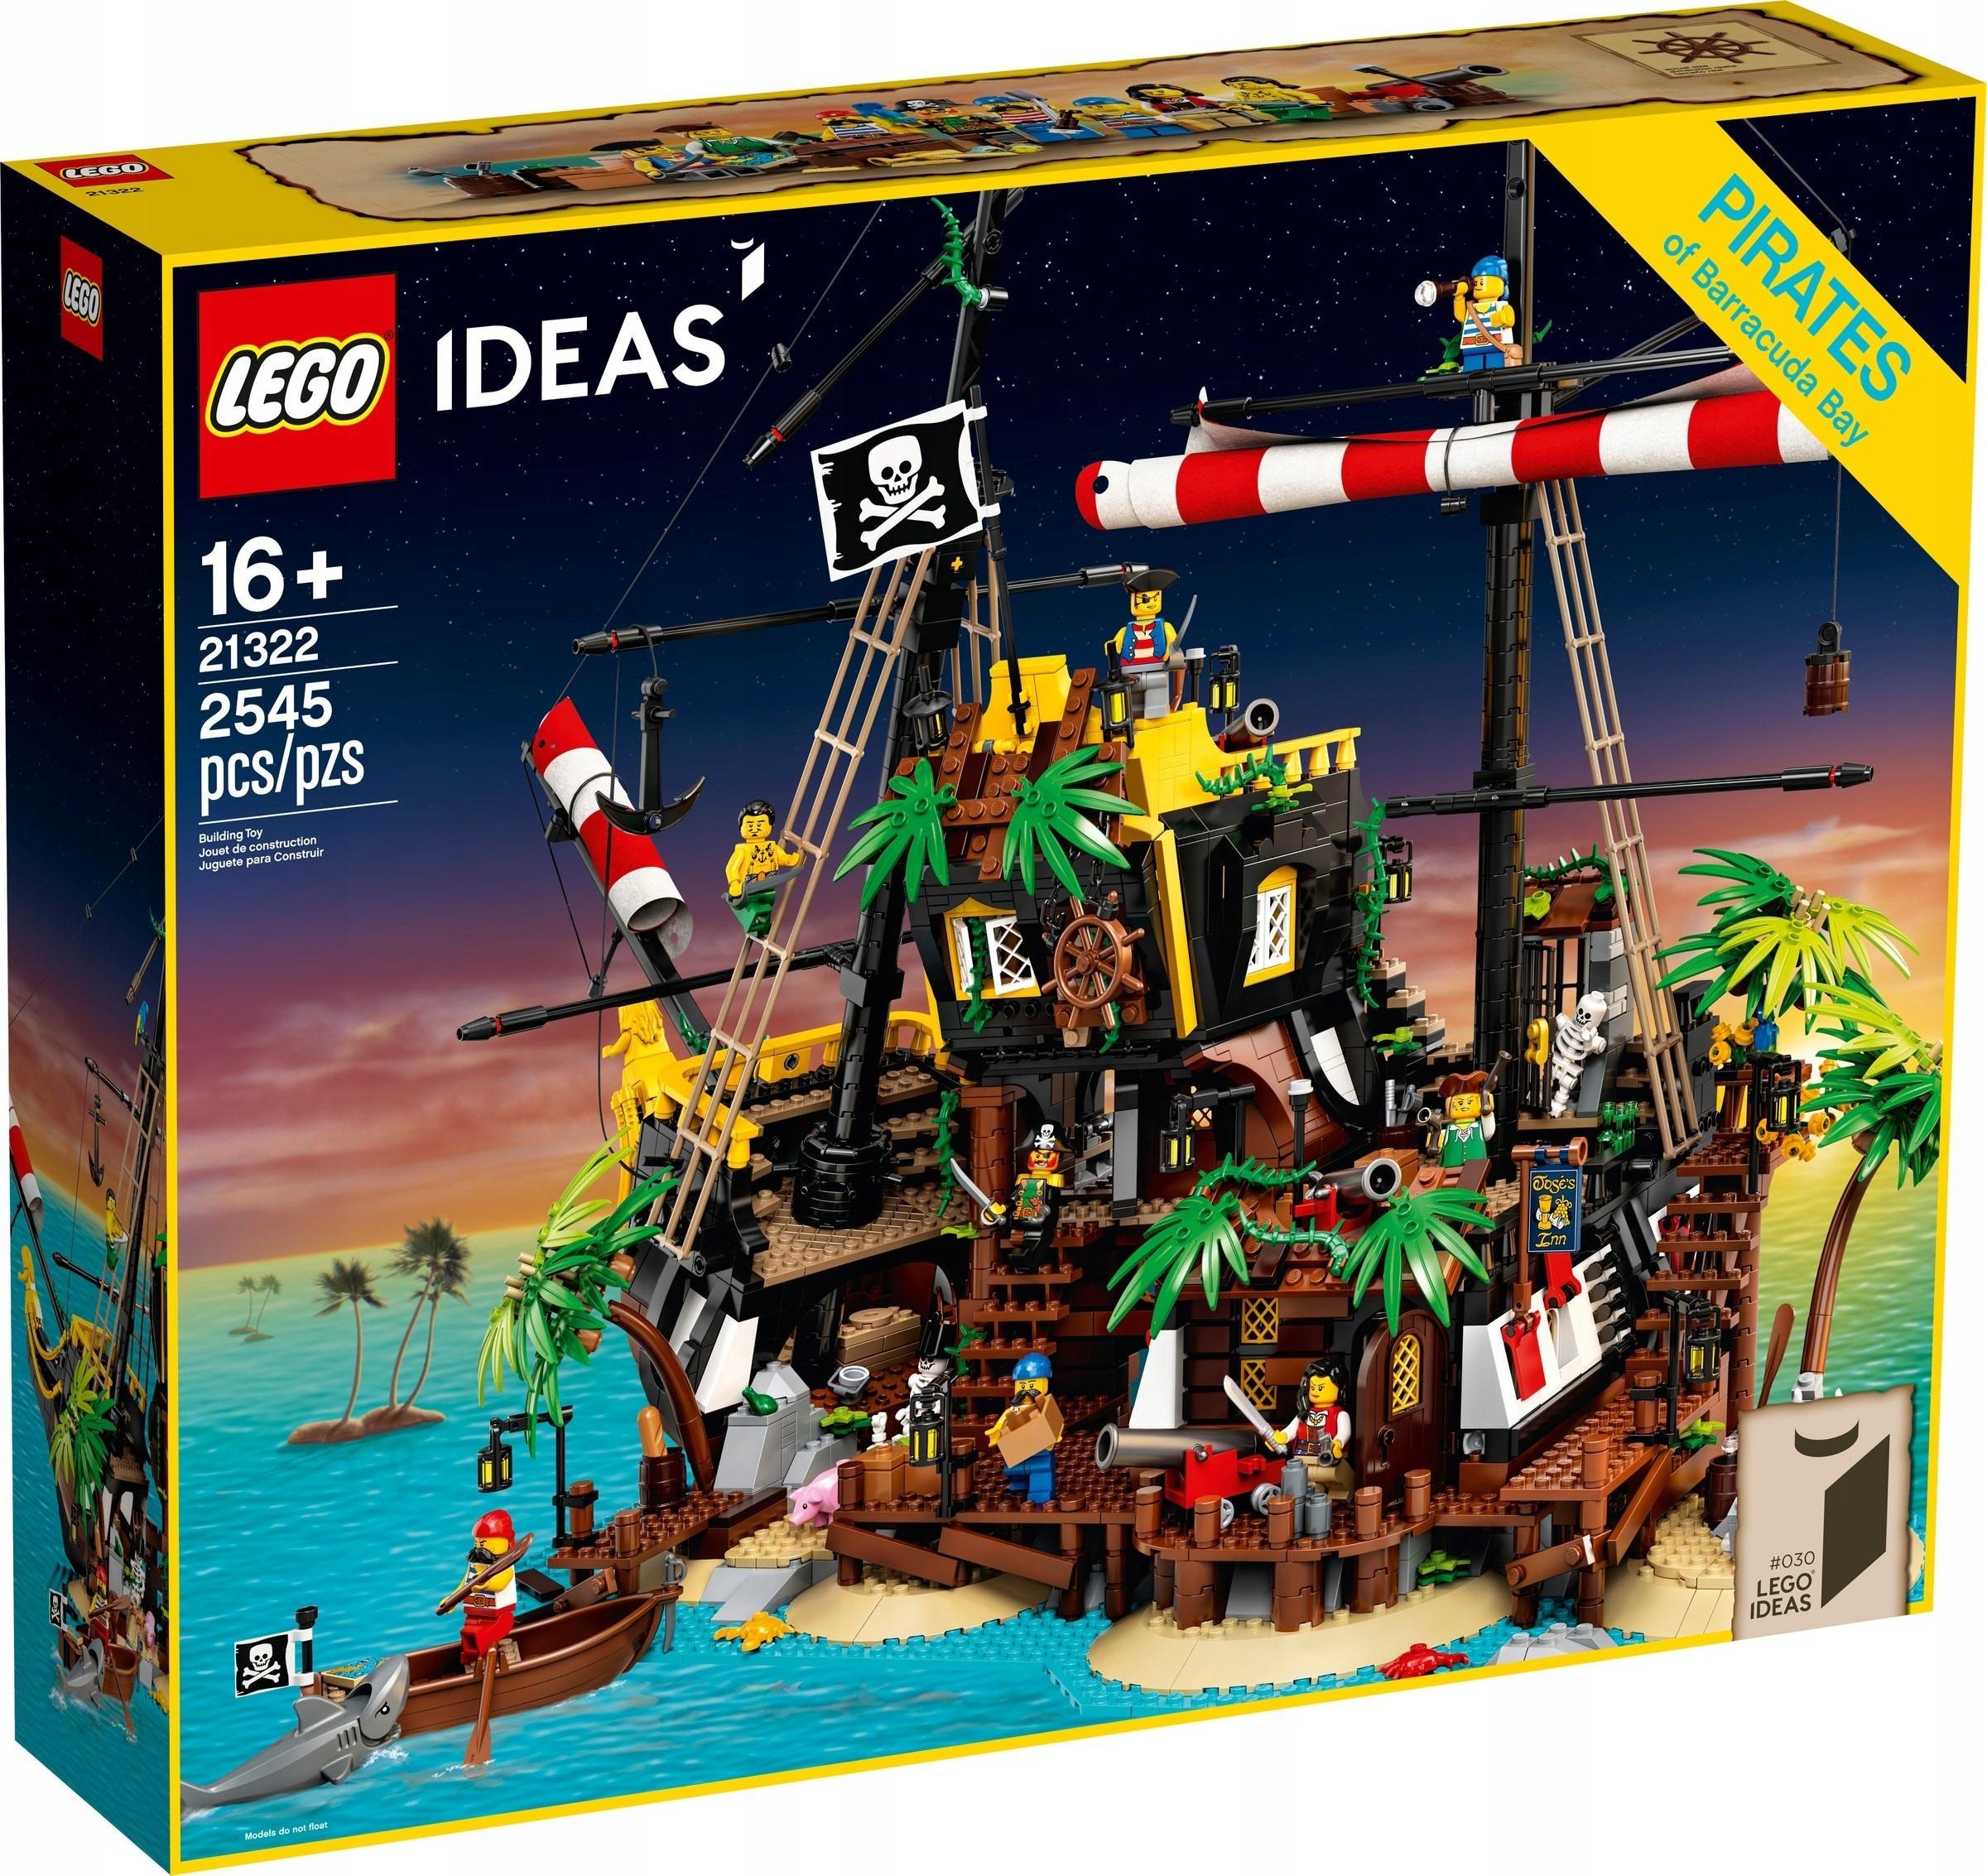 LEGO Ideas Piraci z Zatoki Barakud 21322